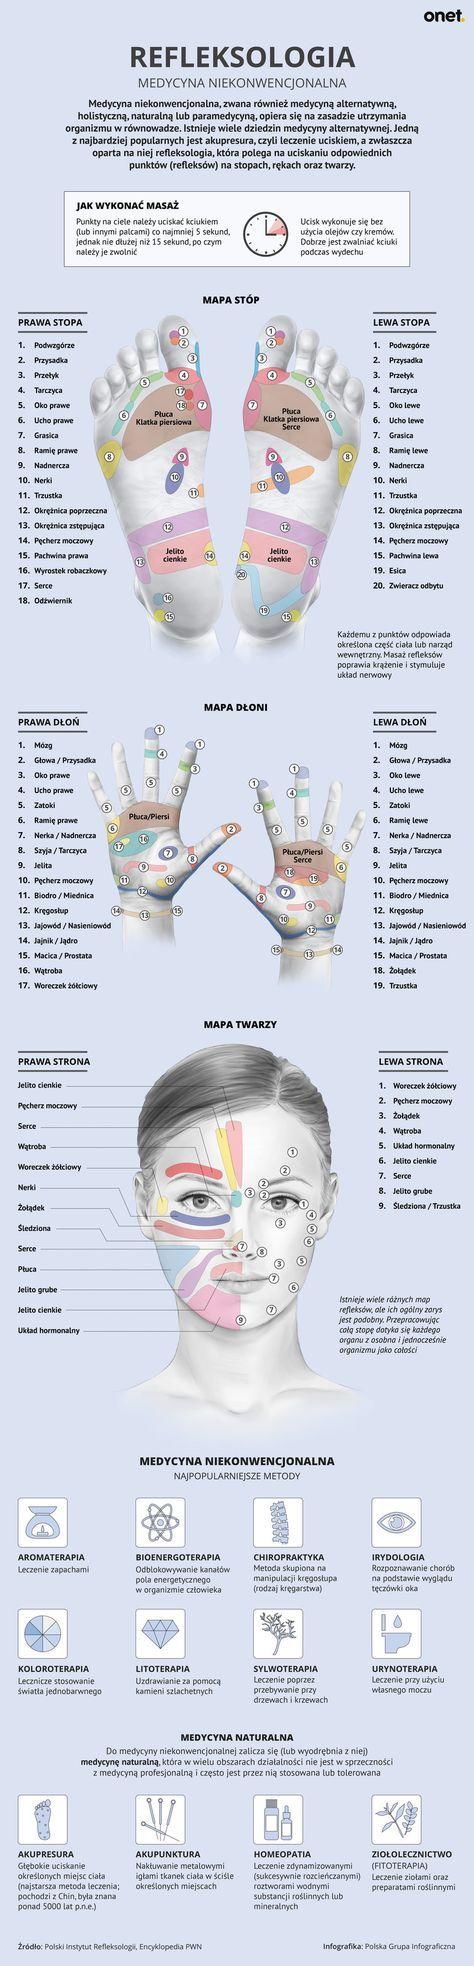 Refleksologia - przez masaż do zdrowia